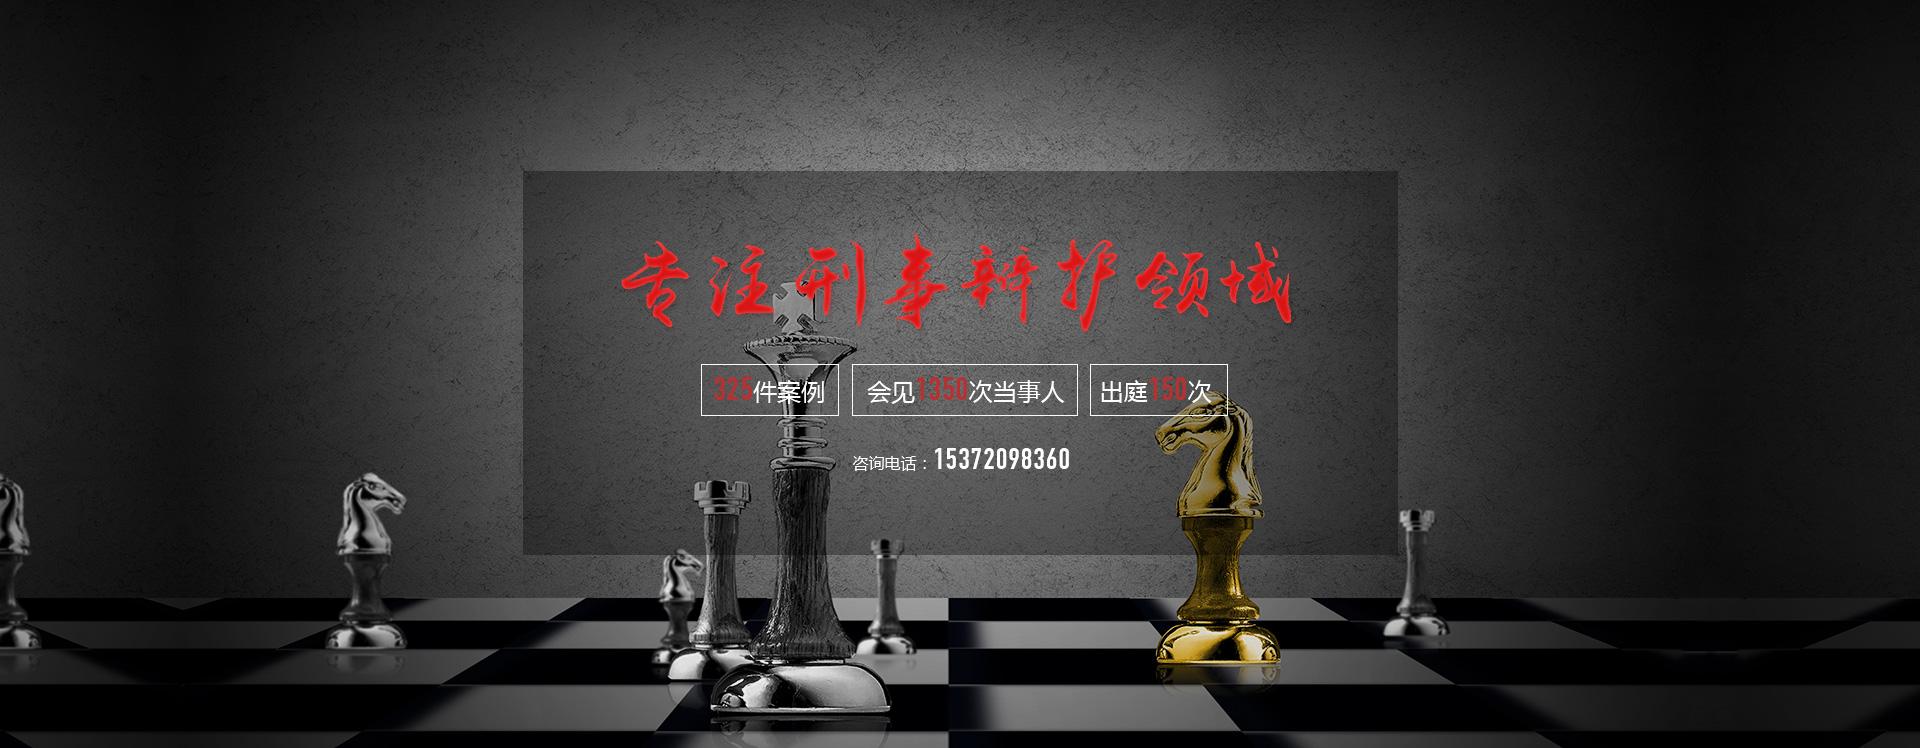 浙江匡智律师事务所刑事部-杭州郑君律师刑辩团队